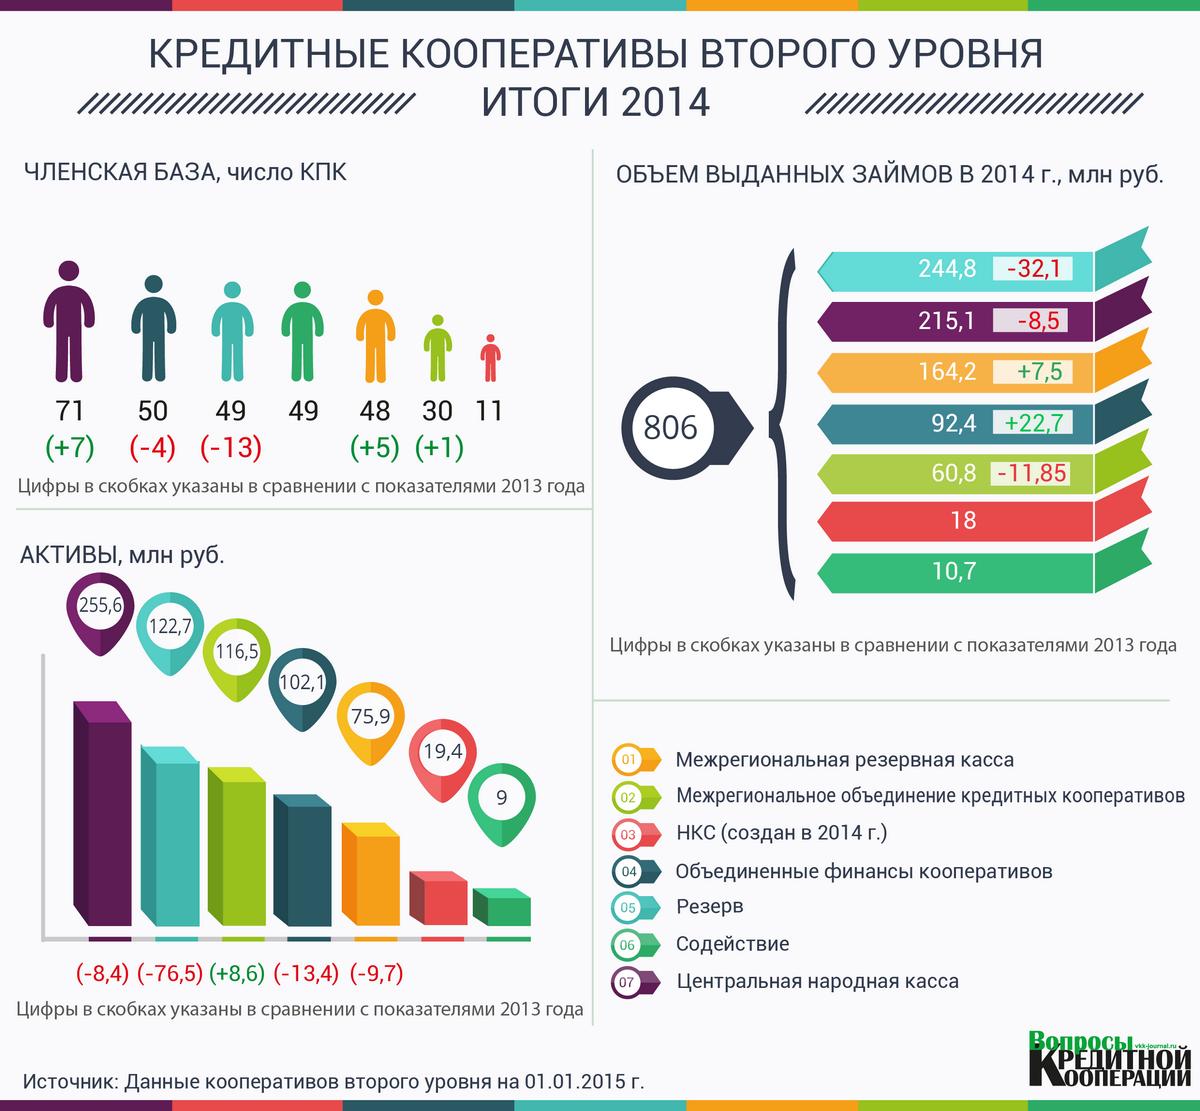 ИНФОГРАФИКА. КПК 2 уровня. Итоги 2014